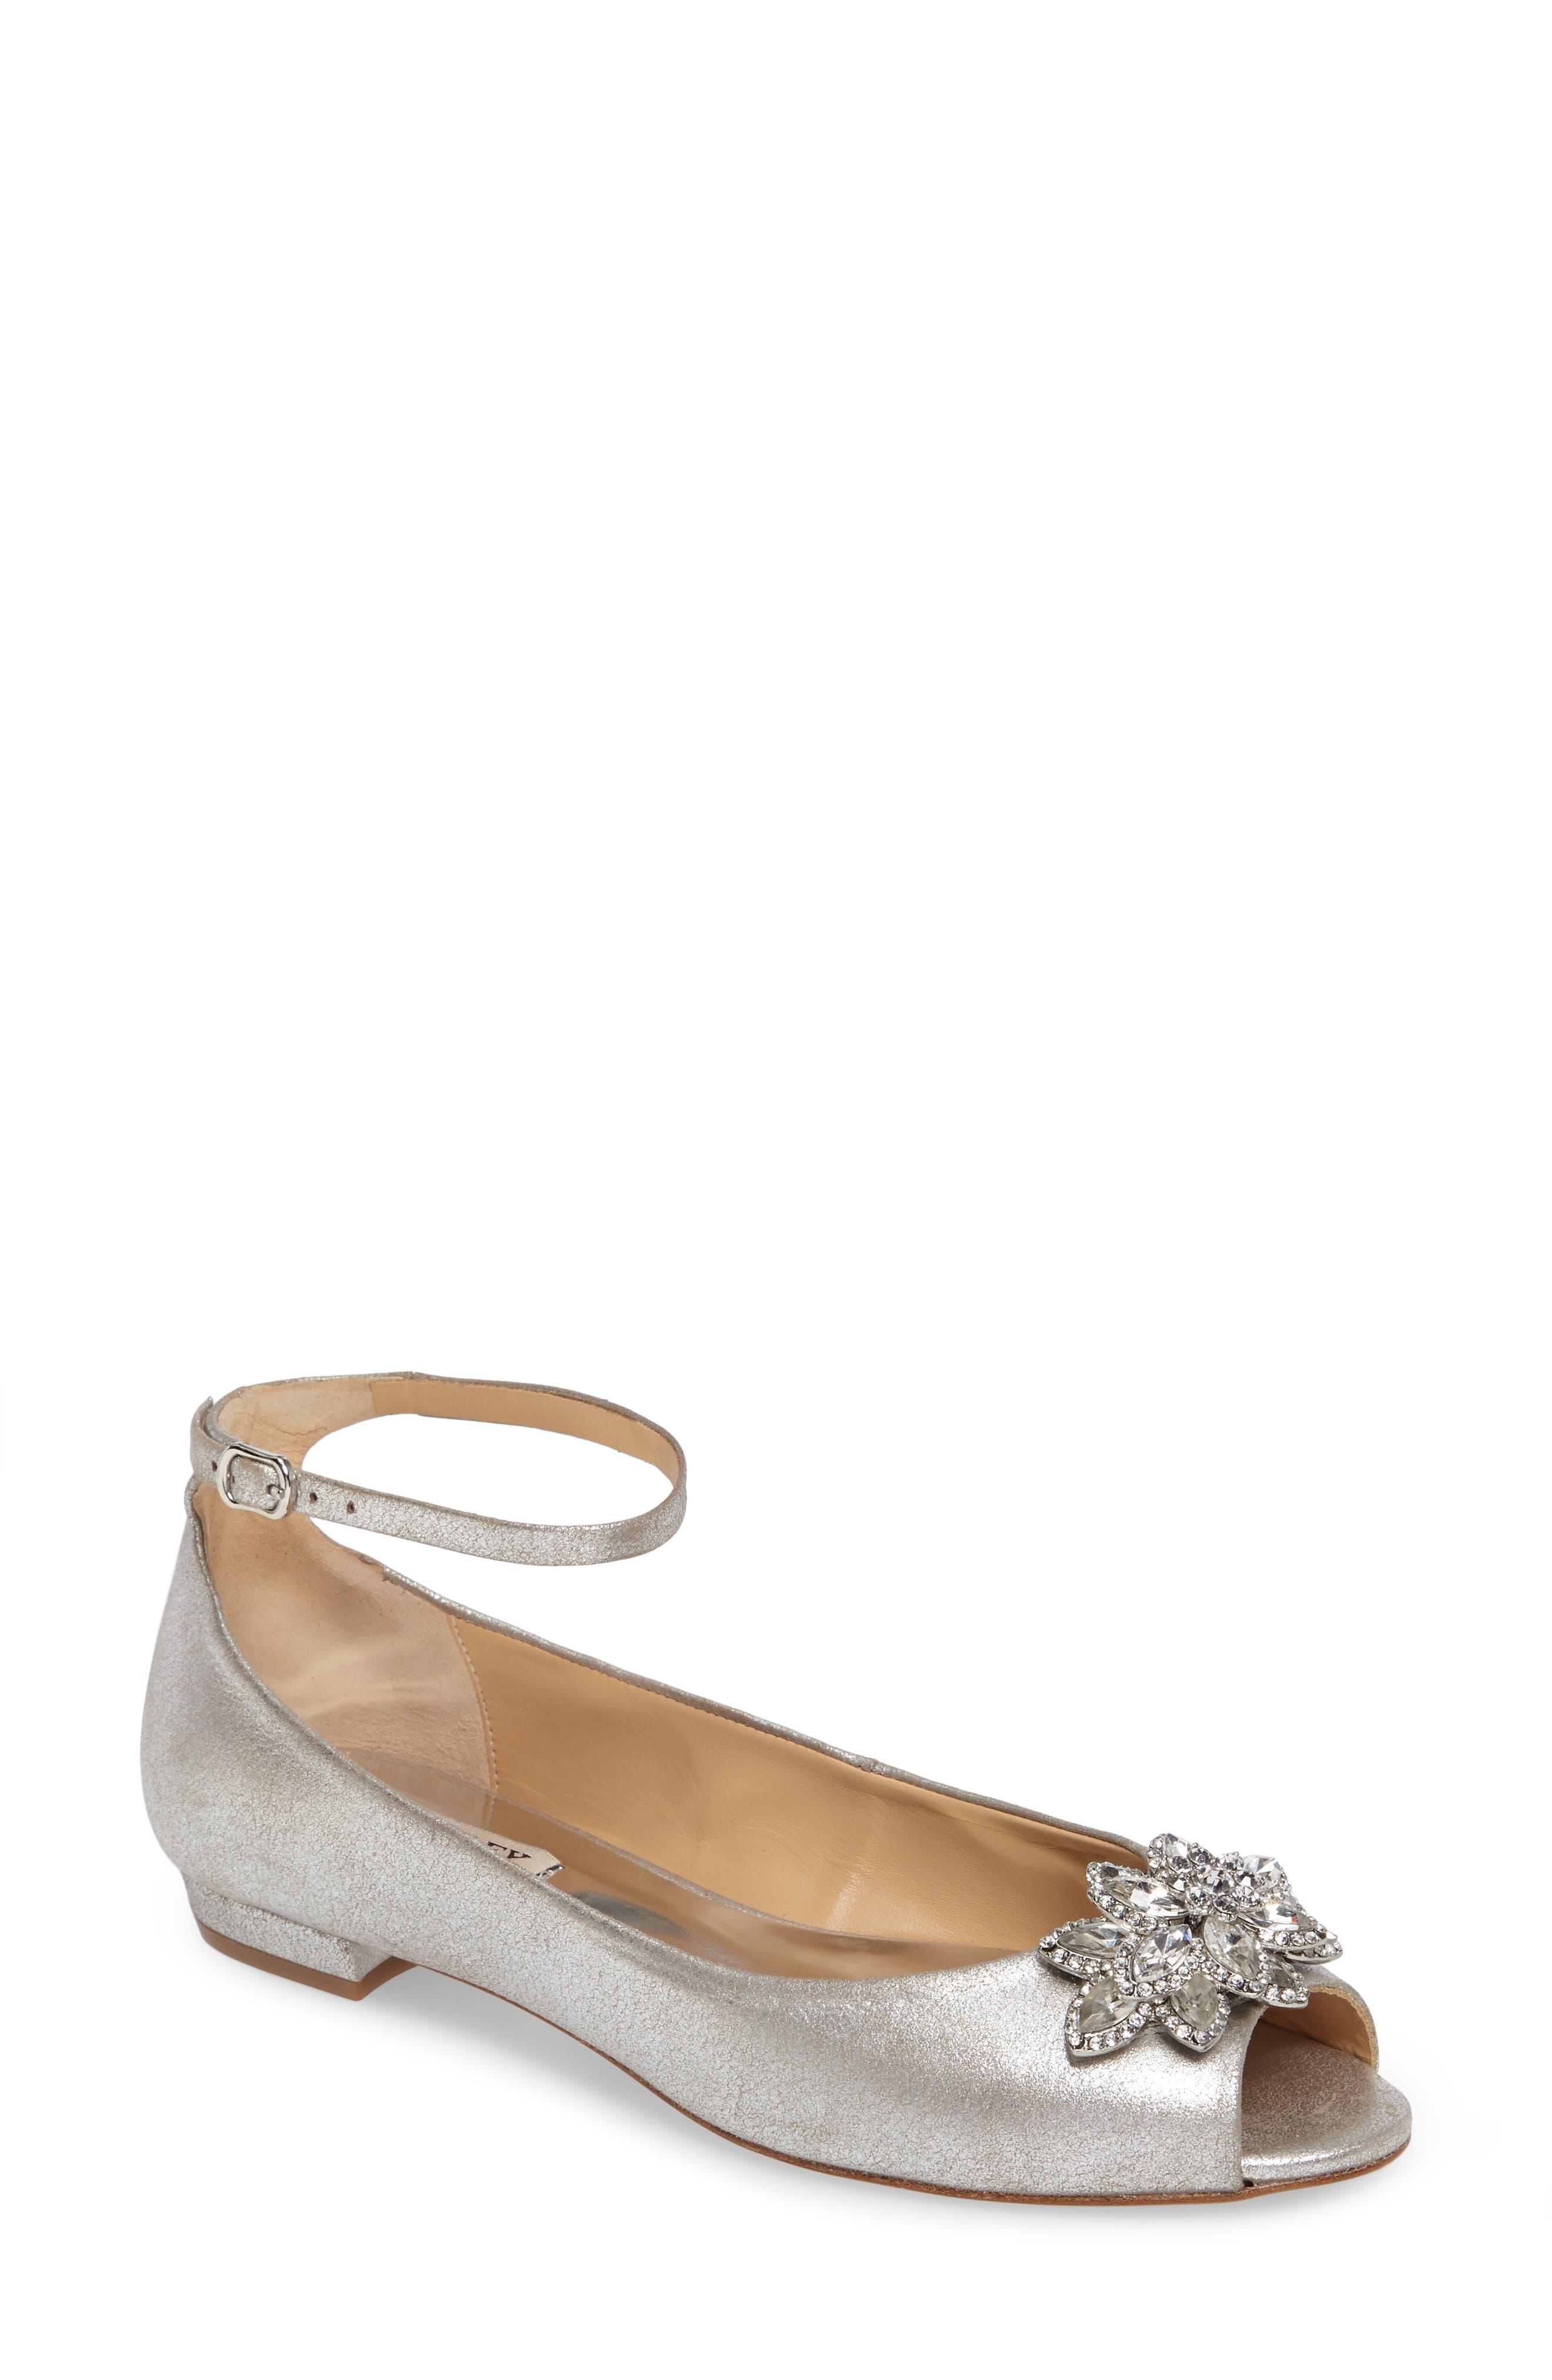 Badgley Mischka Kaidence Embellished Peep-Toe Flat (Women)